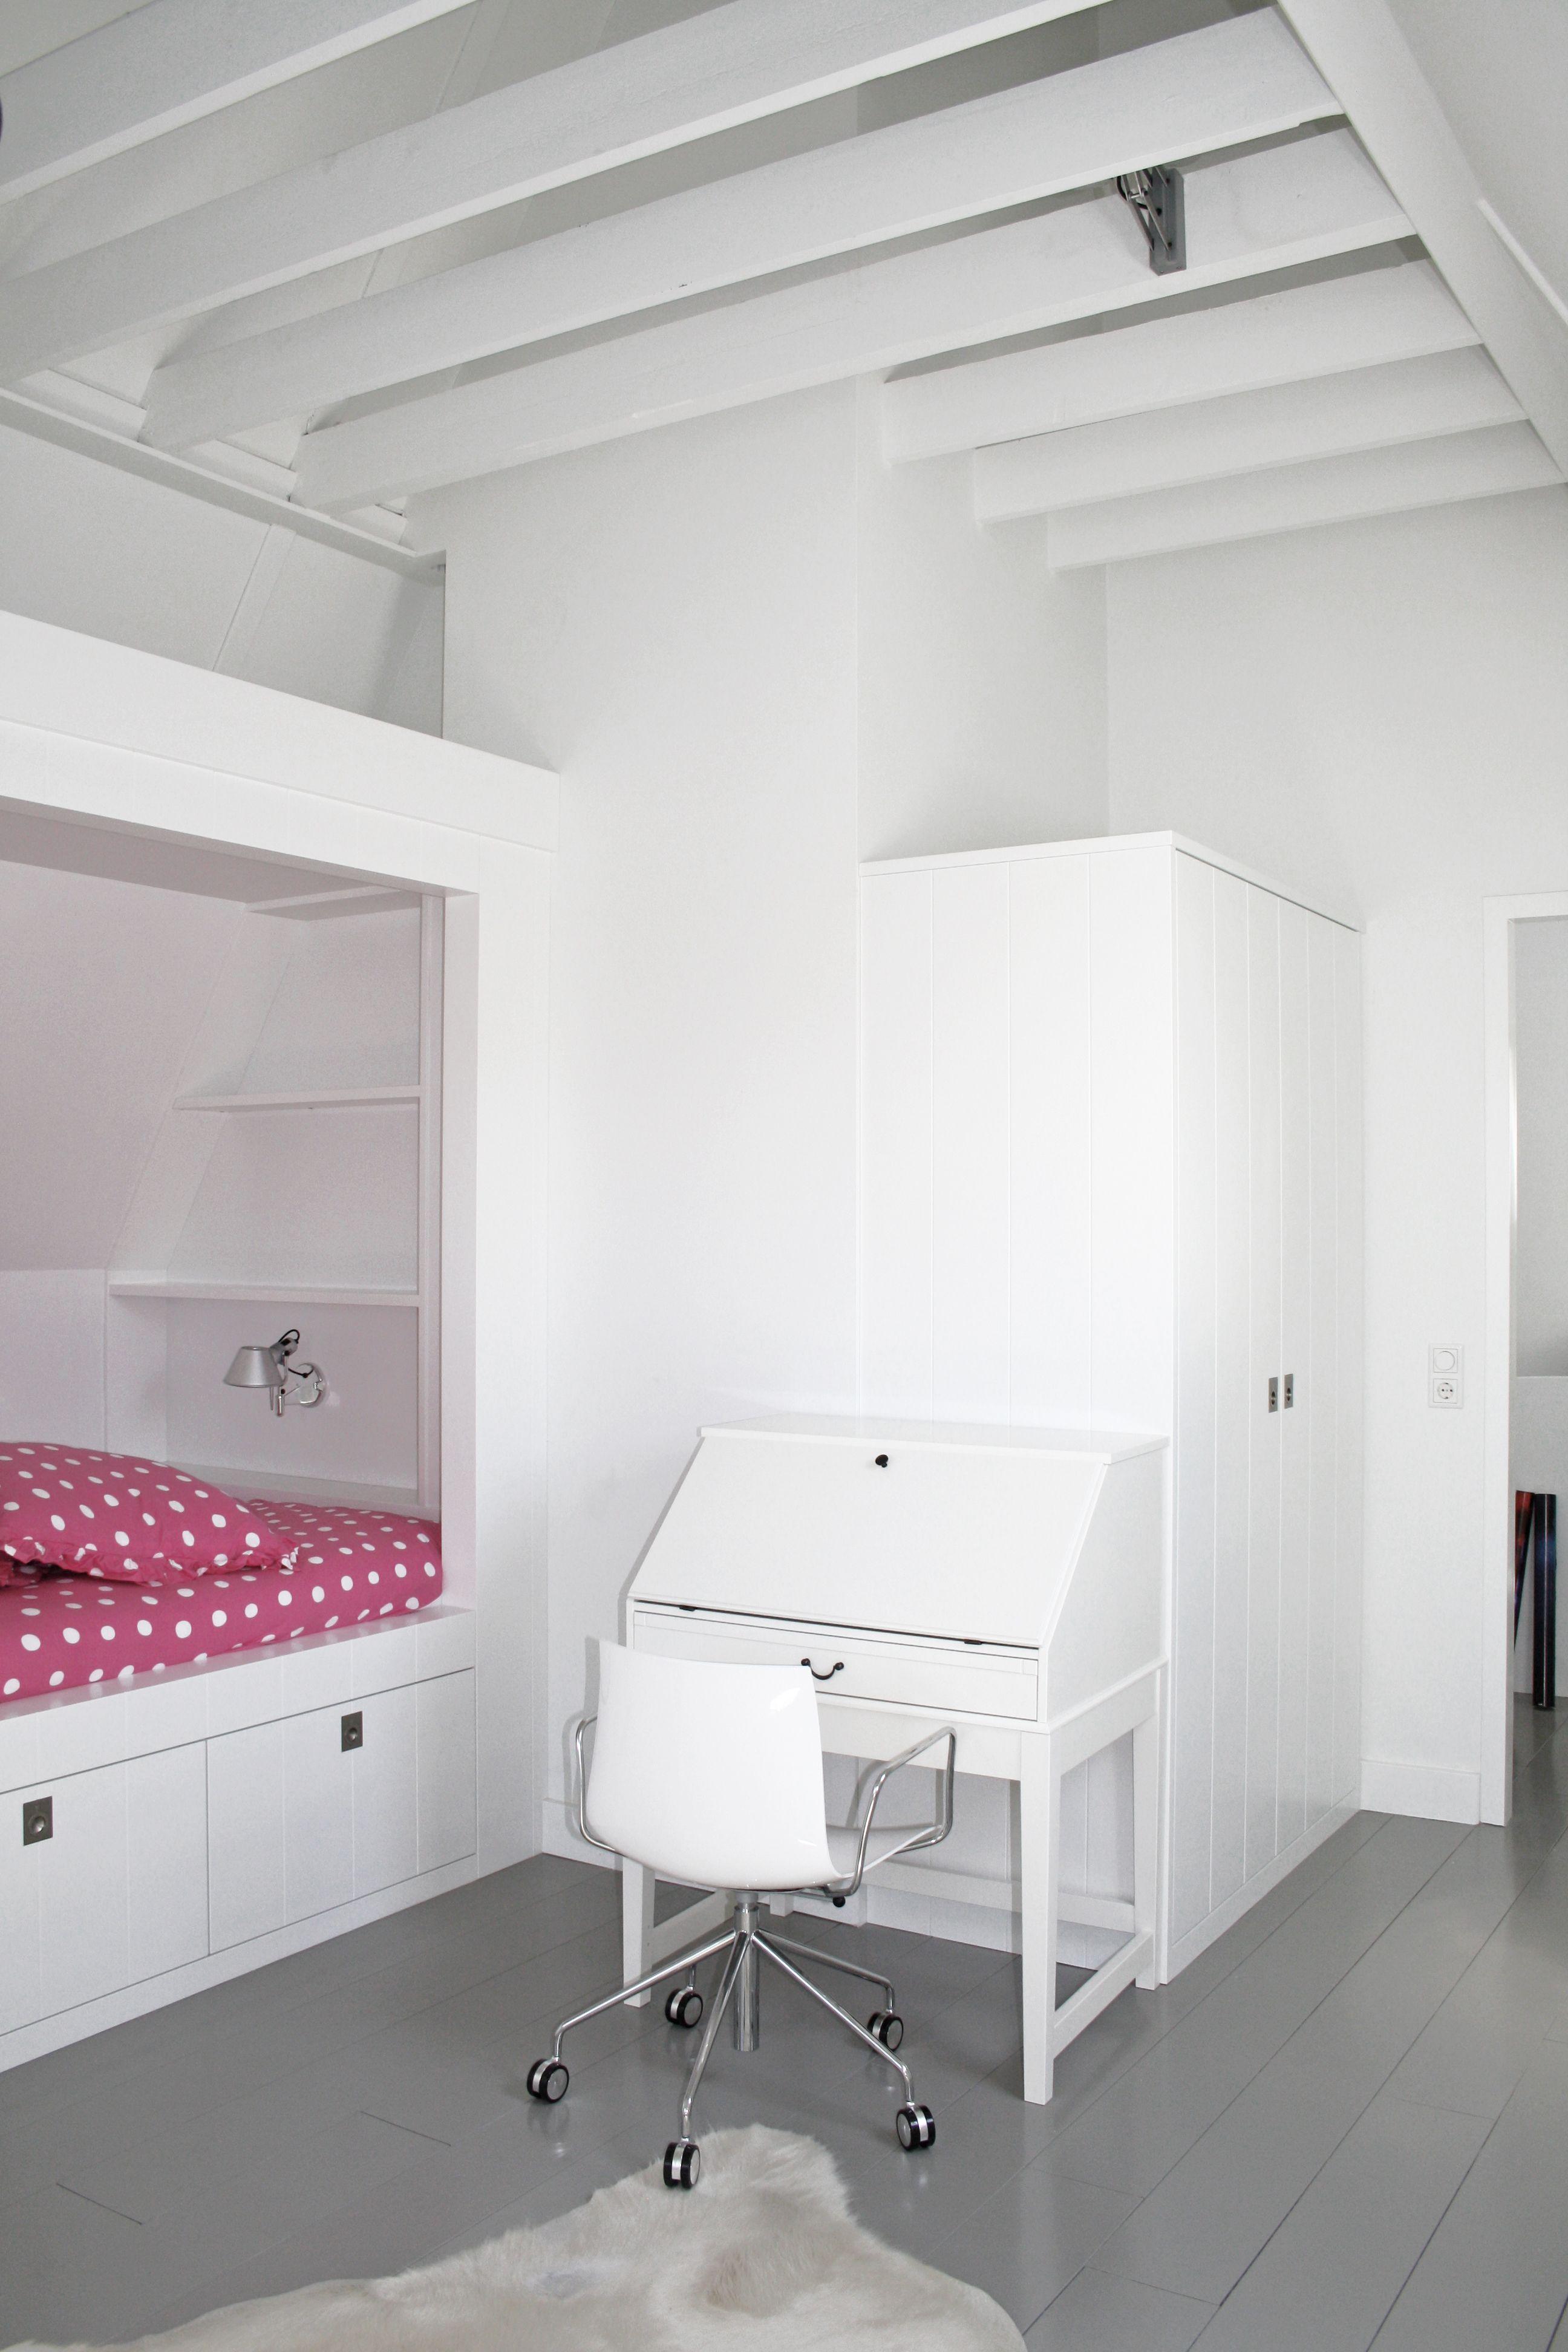 Slaapkamer bed onder schuin dak grijze houten vloer for Slaapkamer bed